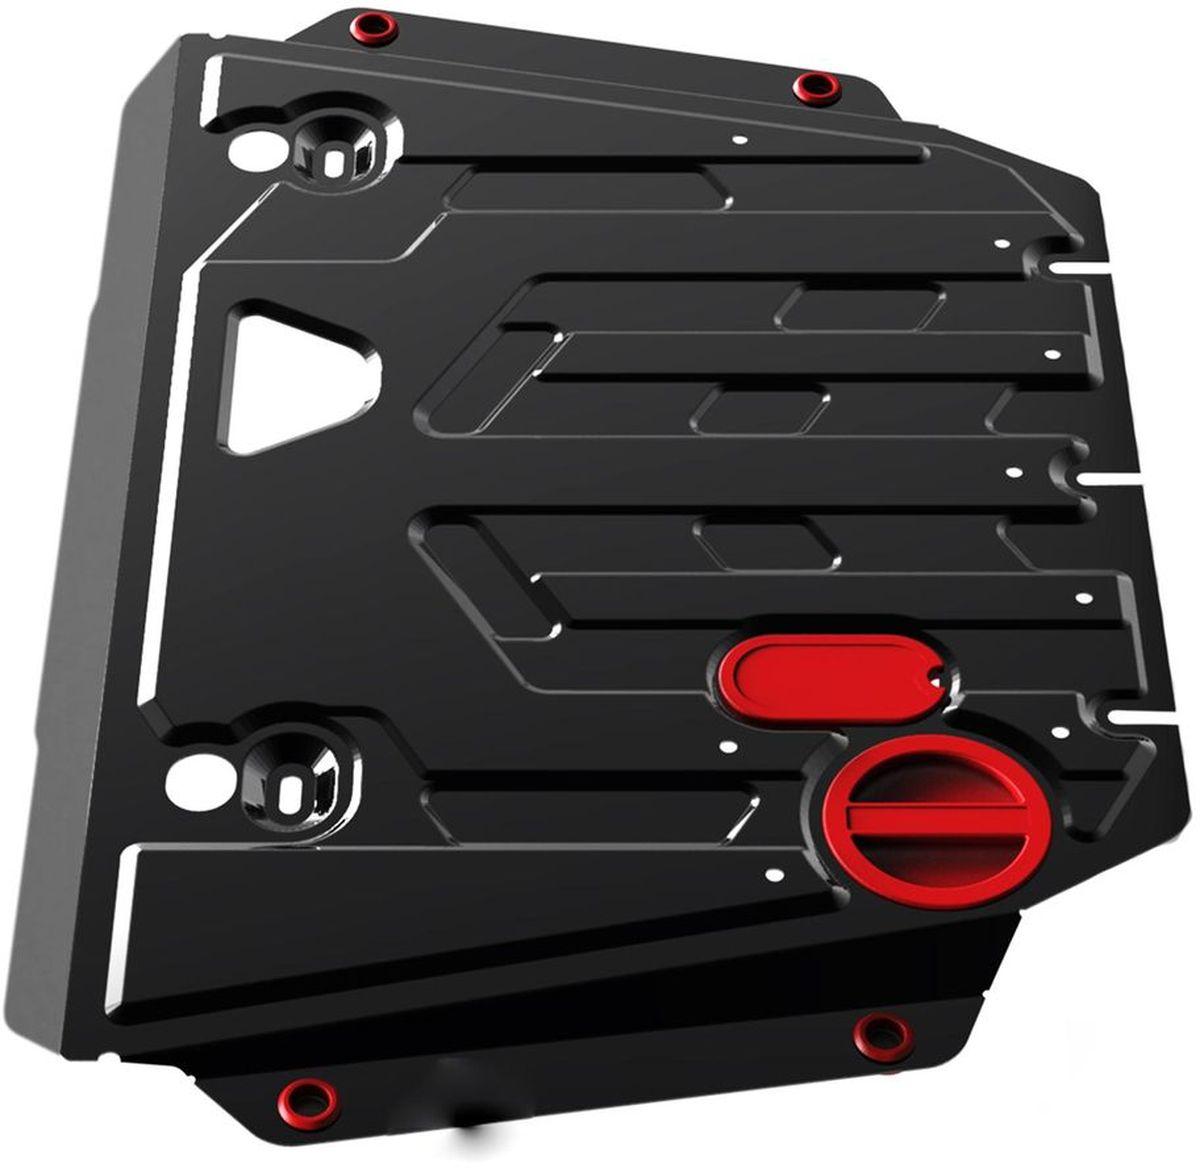 Защита картера и КПП Автоброня Hyundai Vortex Corda 2010-, сталь 2 мм111.06107.1Защита картера и КПП Автоброня Hyundai Vortex Corda, V - 1,5 2010-, сталь 2 мм, комплект крепежа, 111.06107.1Стальные защиты Автоброня надежно защищают ваш автомобиль от повреждений при наезде на бордюры, выступающие канализационные люки, кромки поврежденного асфальта или при ремонте дорог, не говоря уже о загородных дорогах.- Имеют оптимальное соотношение цена-качество.- Спроектированы с учетом особенностей автомобиля, что делает установку удобной.- Защита устанавливается в штатные места кузова автомобиля.- Является надежной защитой для важных элементов на протяжении долгих лет.- Глубокий штамп дополнительно усиливает конструкцию защиты.- Подштамповка в местах крепления защищает крепеж от срезания.- Технологические отверстия там, где они необходимы для смены масла и слива воды, оборудованные заглушками, закрепленными на защите.Толщина стали 2 мм.В комплекте крепеж и инструкция по установке.Уважаемые клиенты!Обращаем ваше внимание на тот факт, что защита имеет форму, соответствующую модели данного автомобиля. Наличие глубокого штампа и лючков для смены фильтров/масла предусмотрено не на всех защитах. Фото служит для визуального восприятия товара.